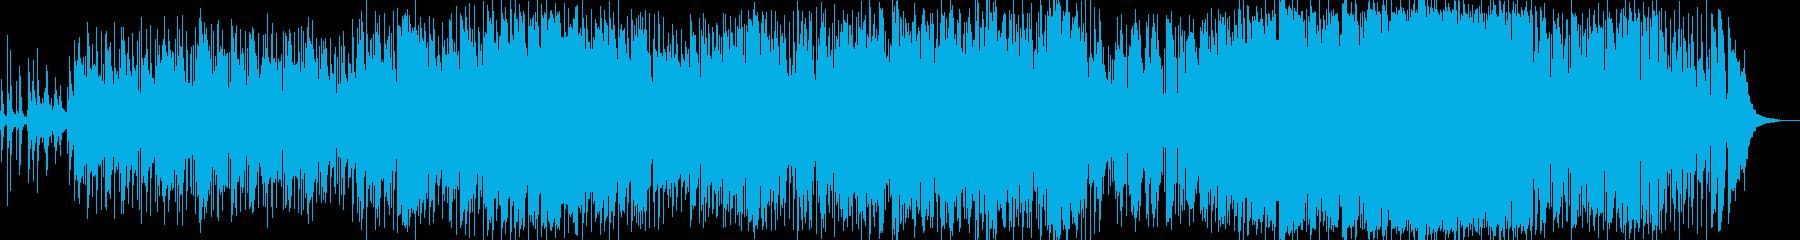 生演奏で切なく感動的に歌い上げるバラードの再生済みの波形